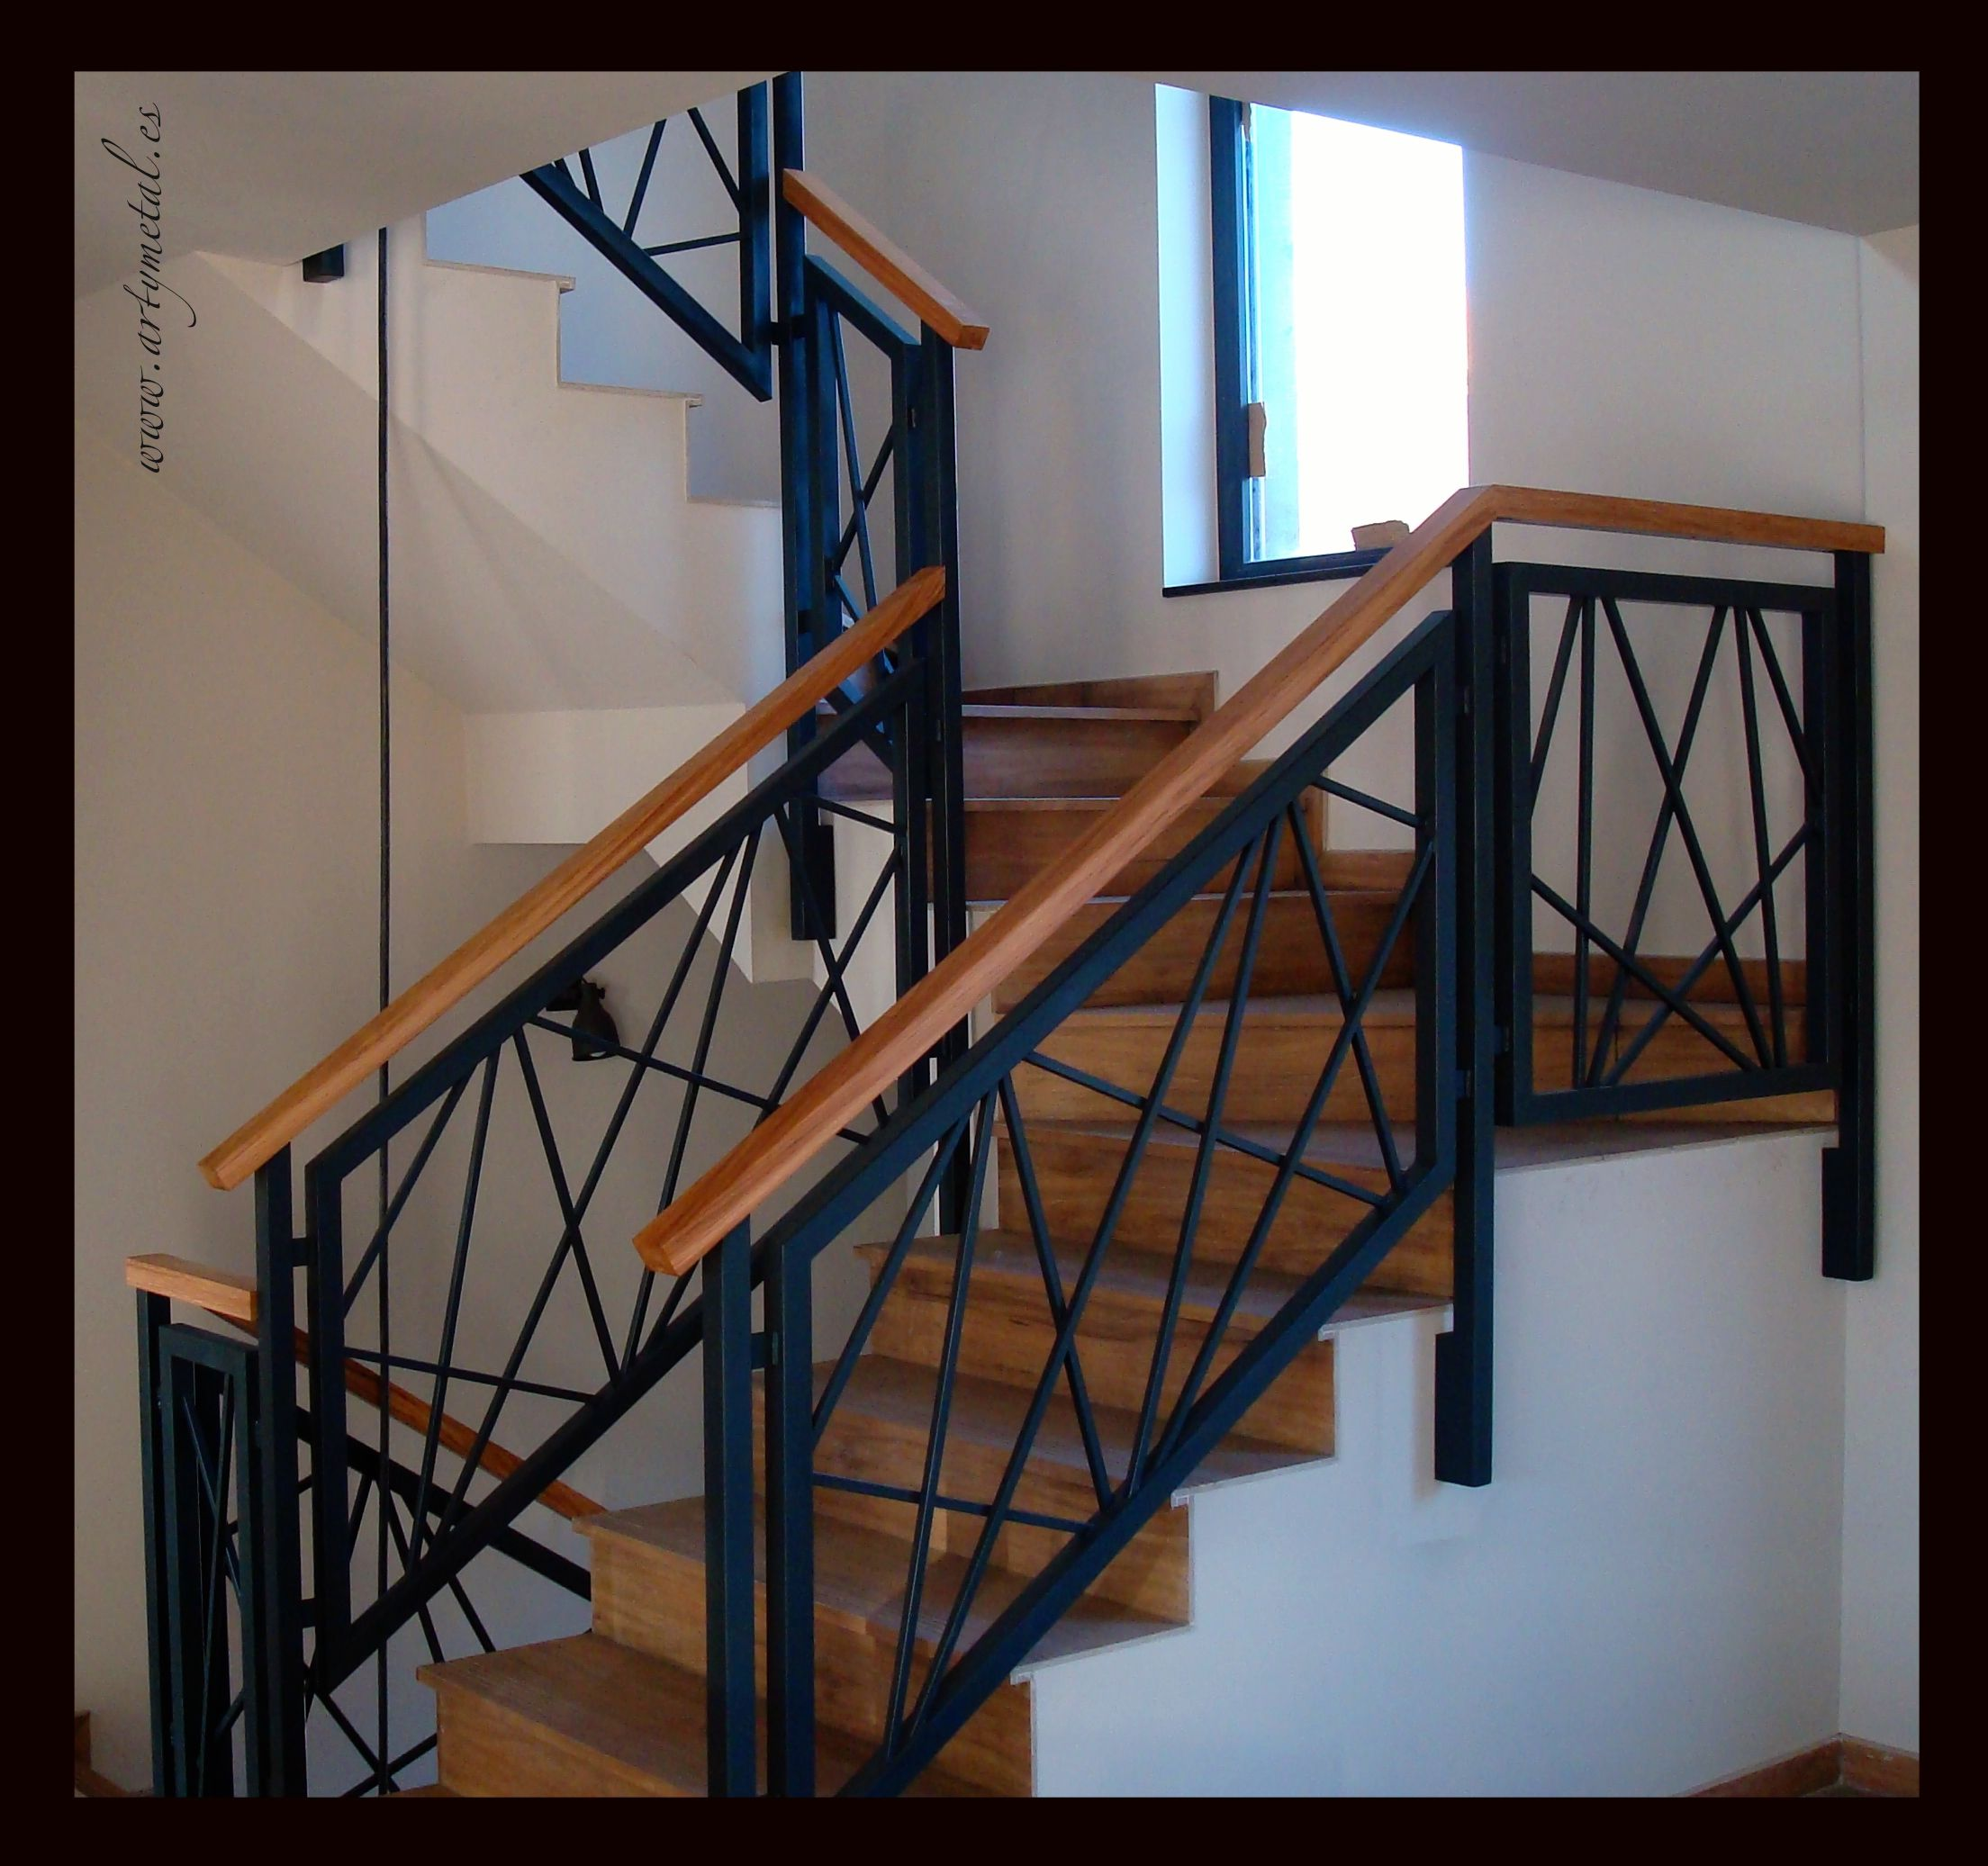 Barandilla de dise o contemporaneo architecture - Barandillas de diseno ...